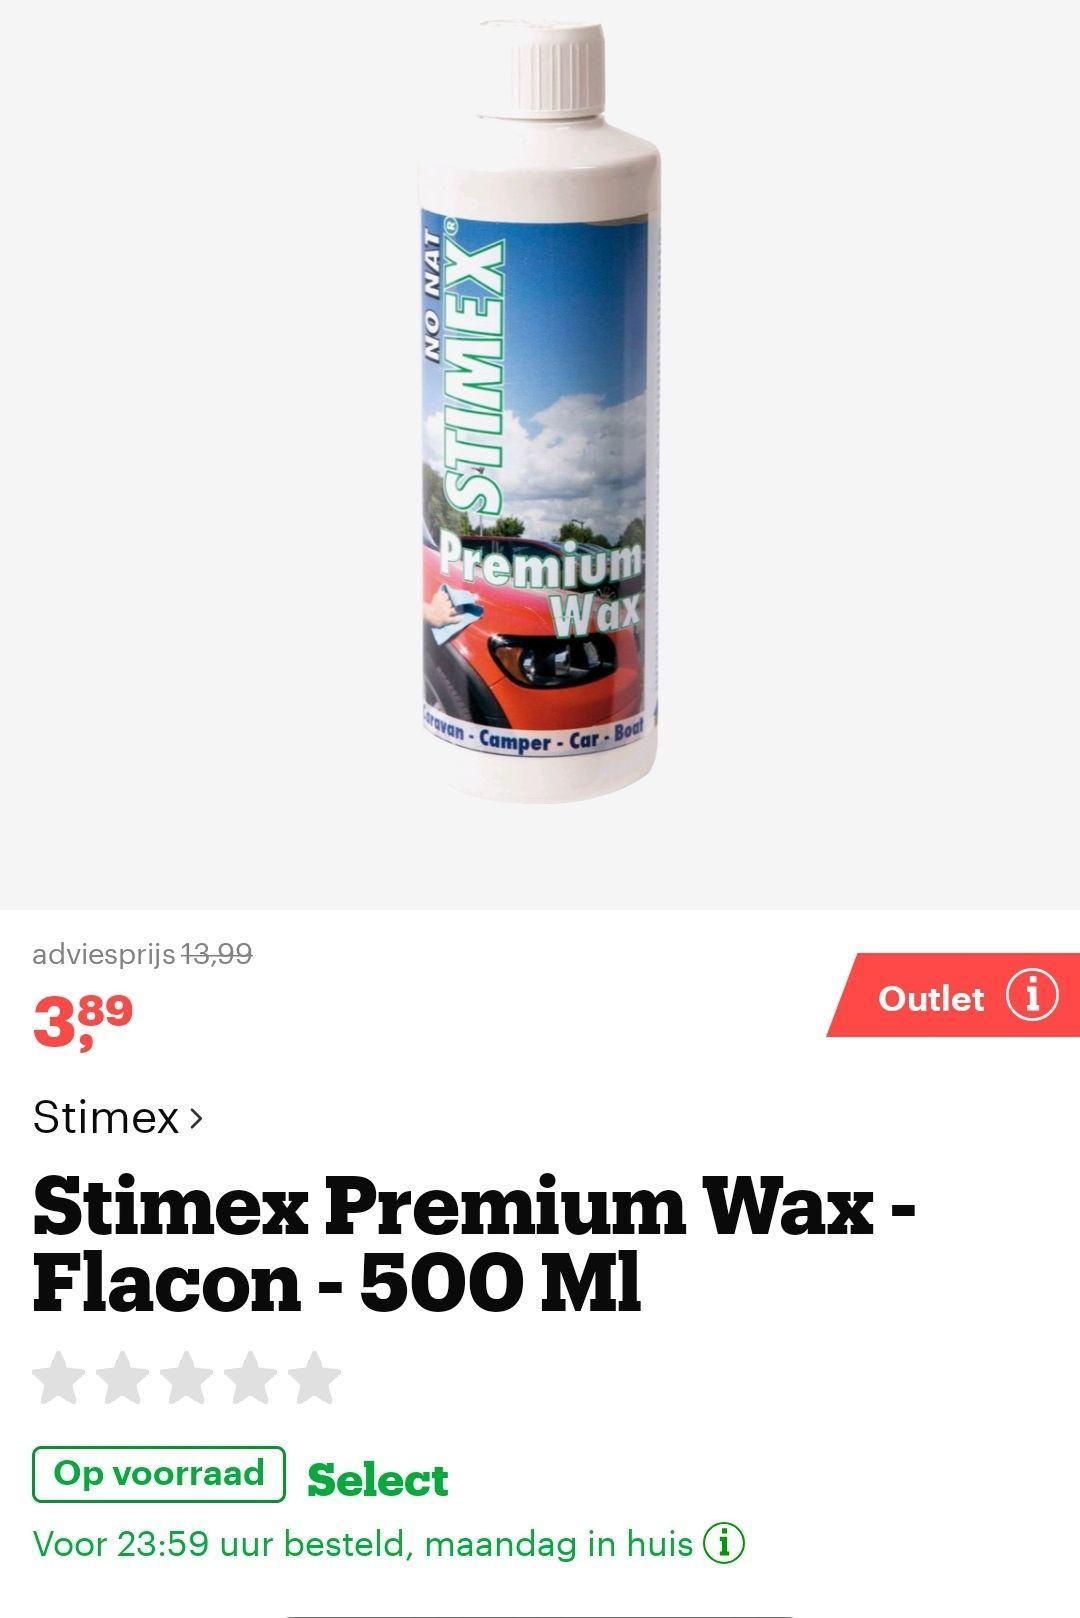 Premium Wax Stimex